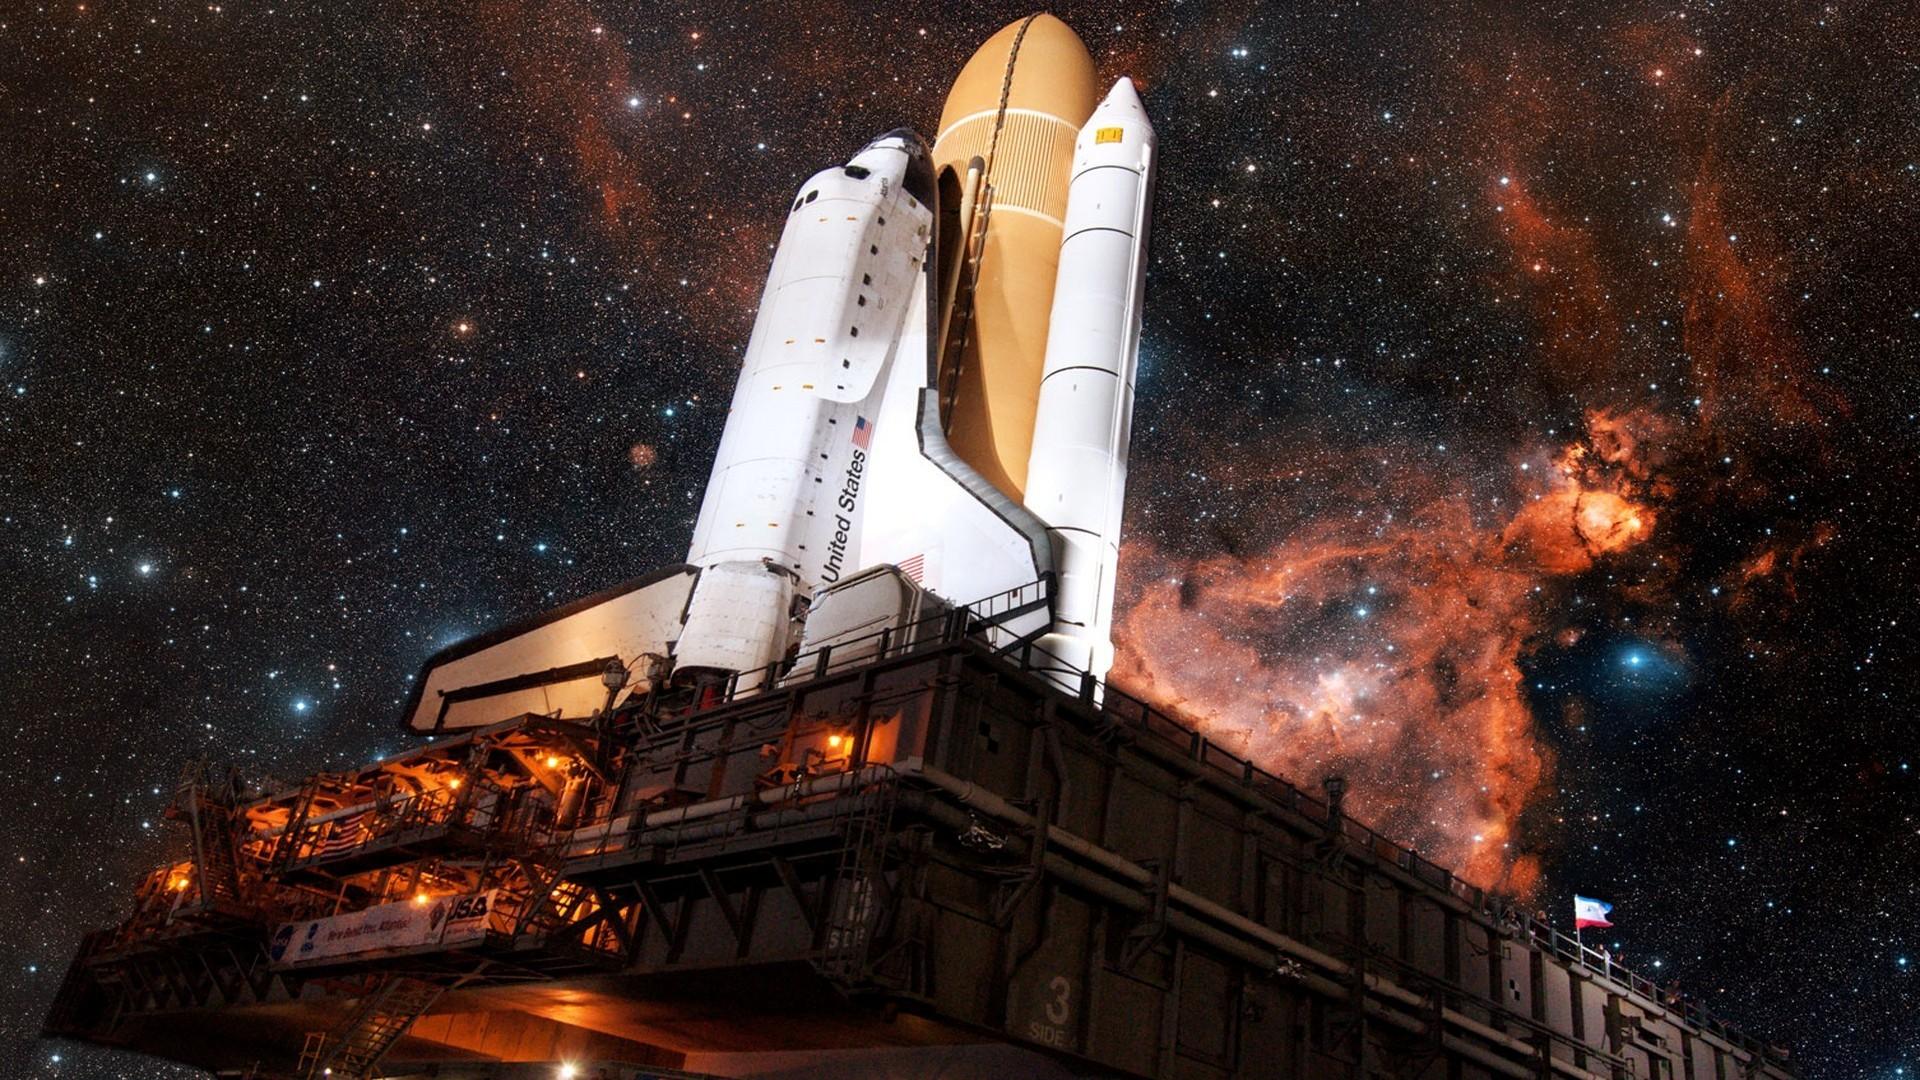 путешествий картинки космоса с космическими кораблями цену срок выполнения